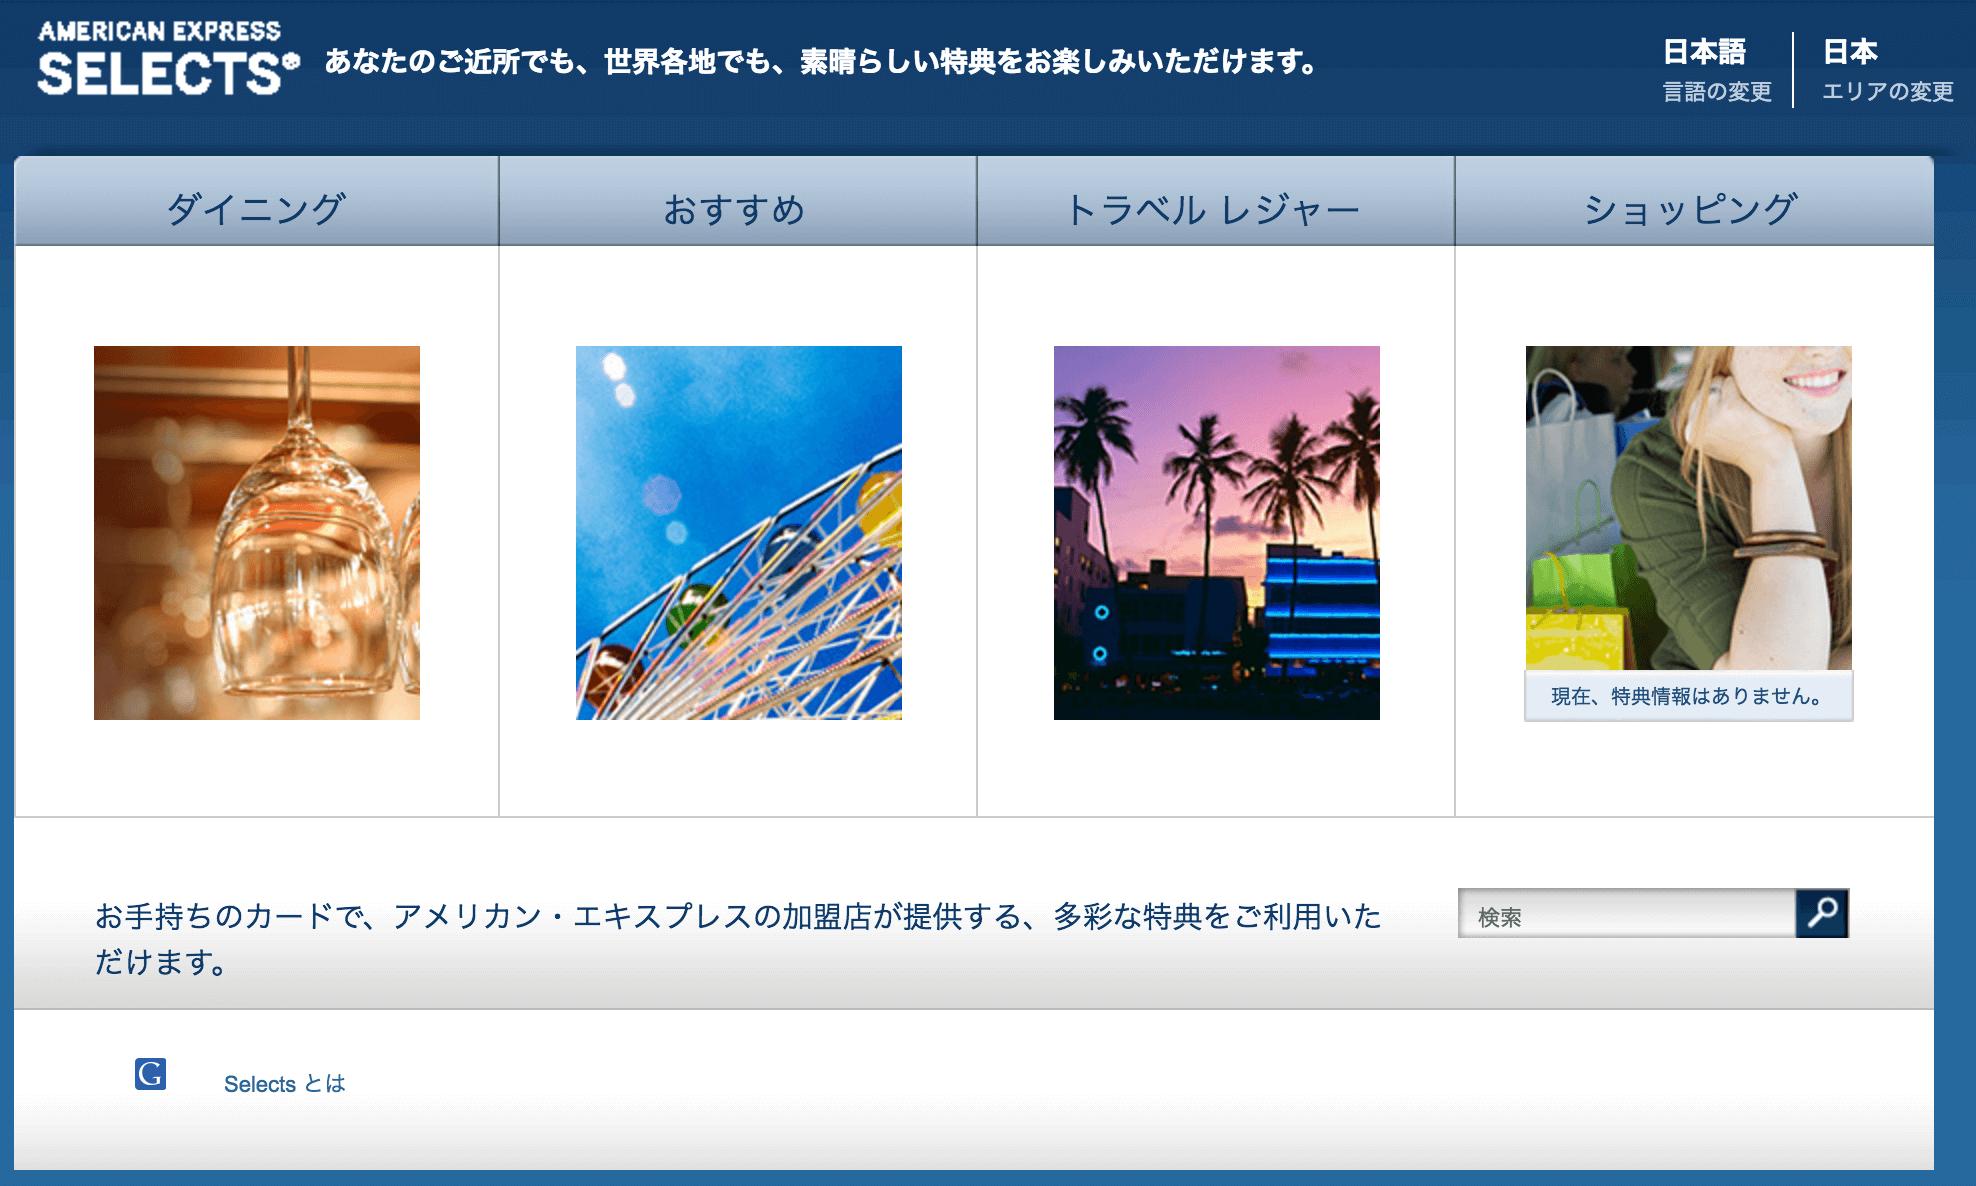 アメリカン・エキスプレス・セレクト